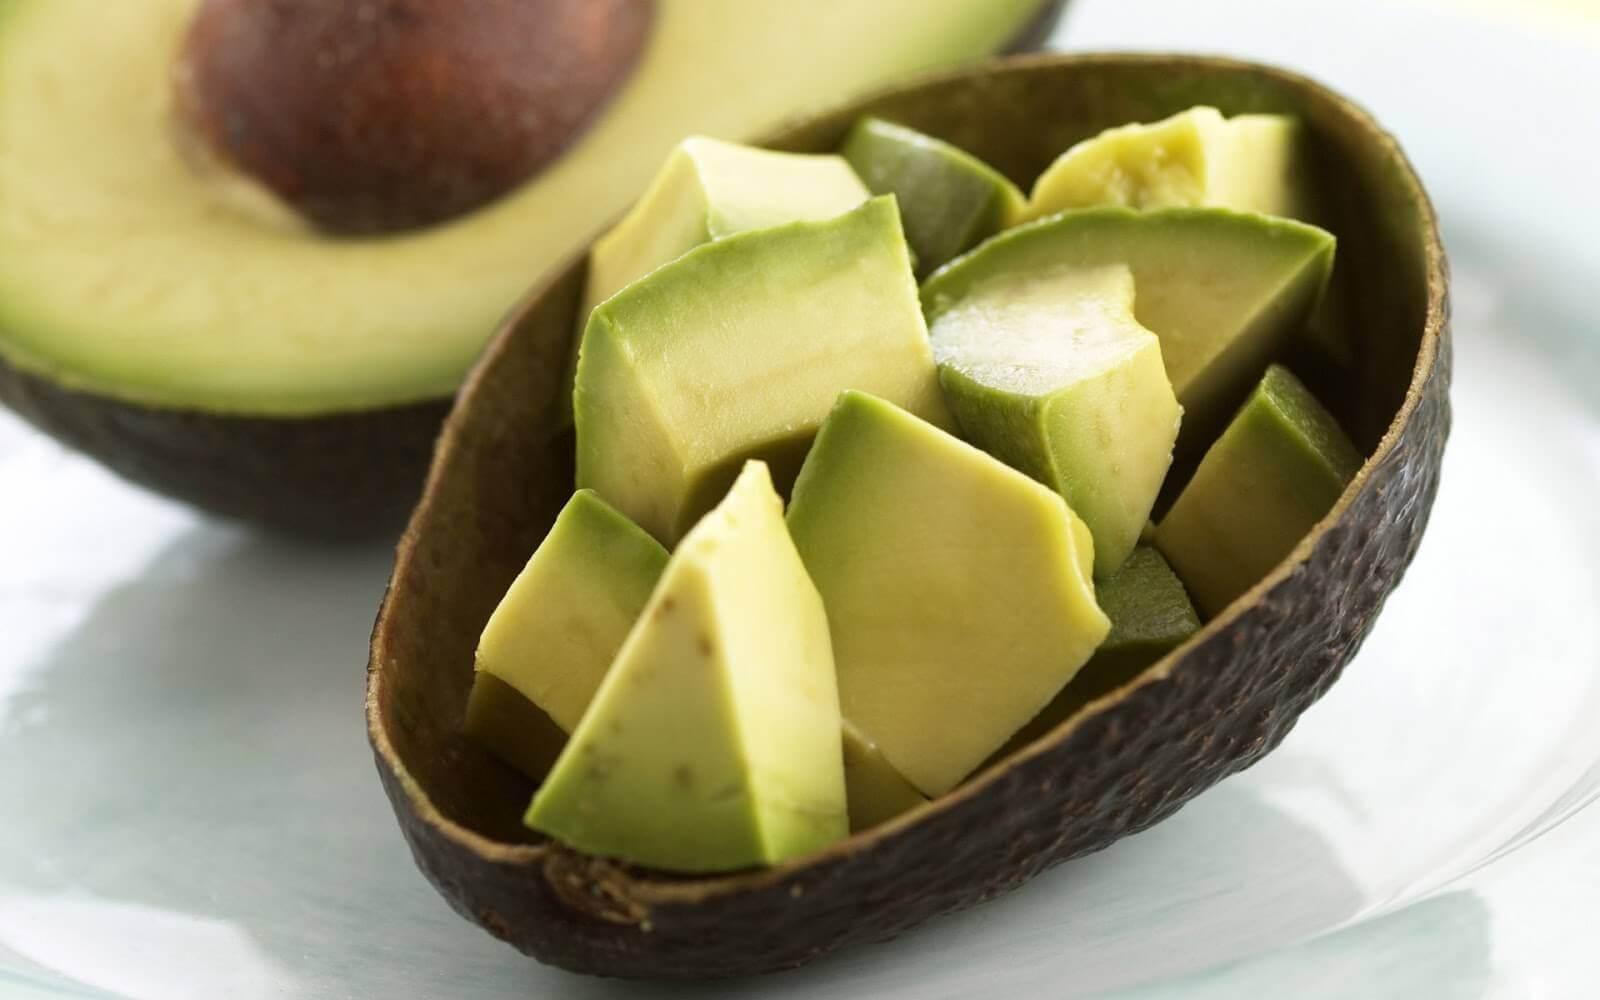 зробіть домашні креми для потрісканих п'ят з авокадо